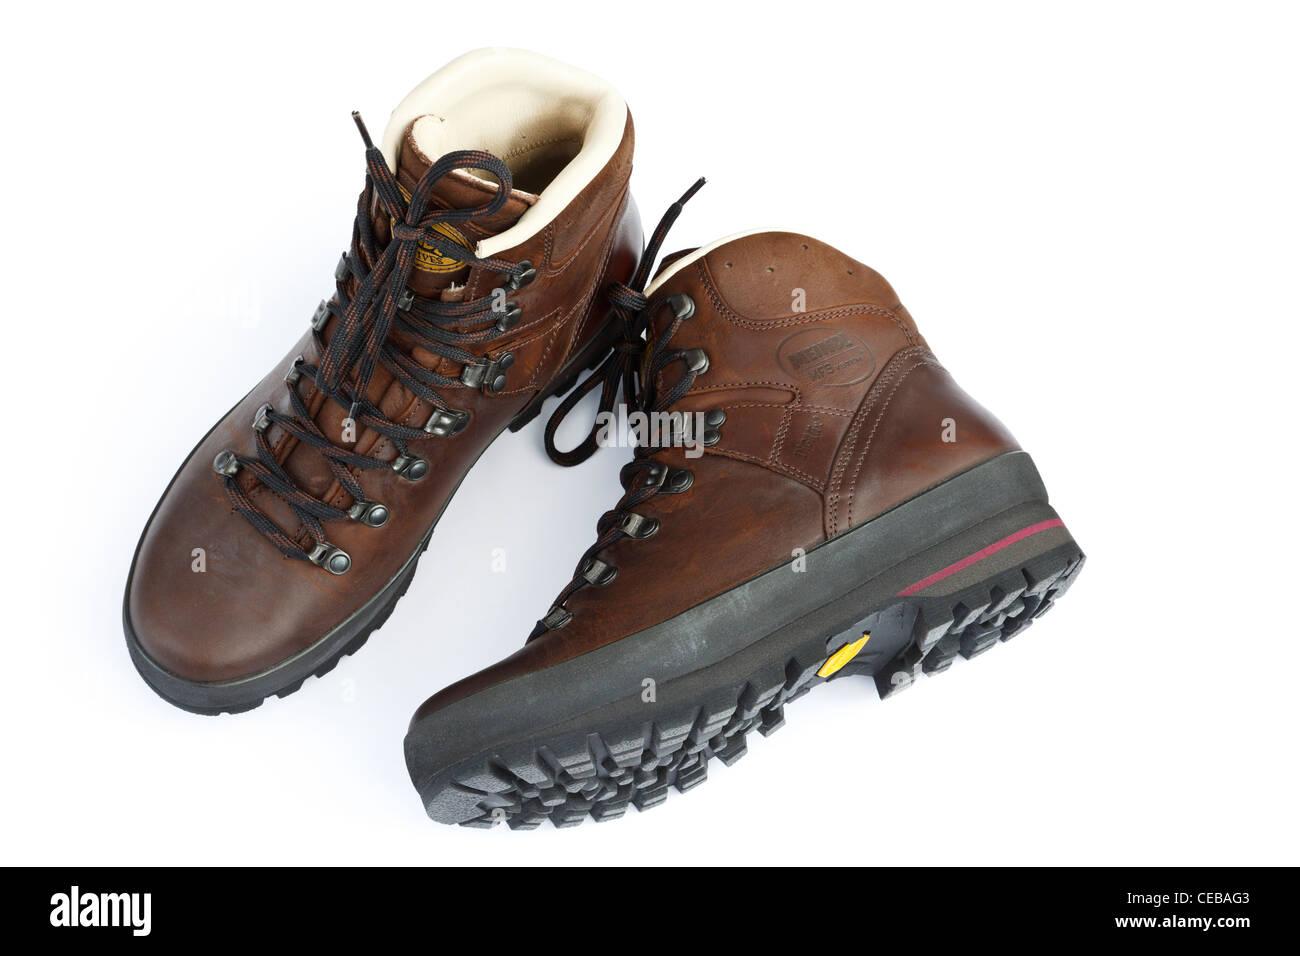 Ein paar traditionelle braun Leder Wandern Stiefel oder